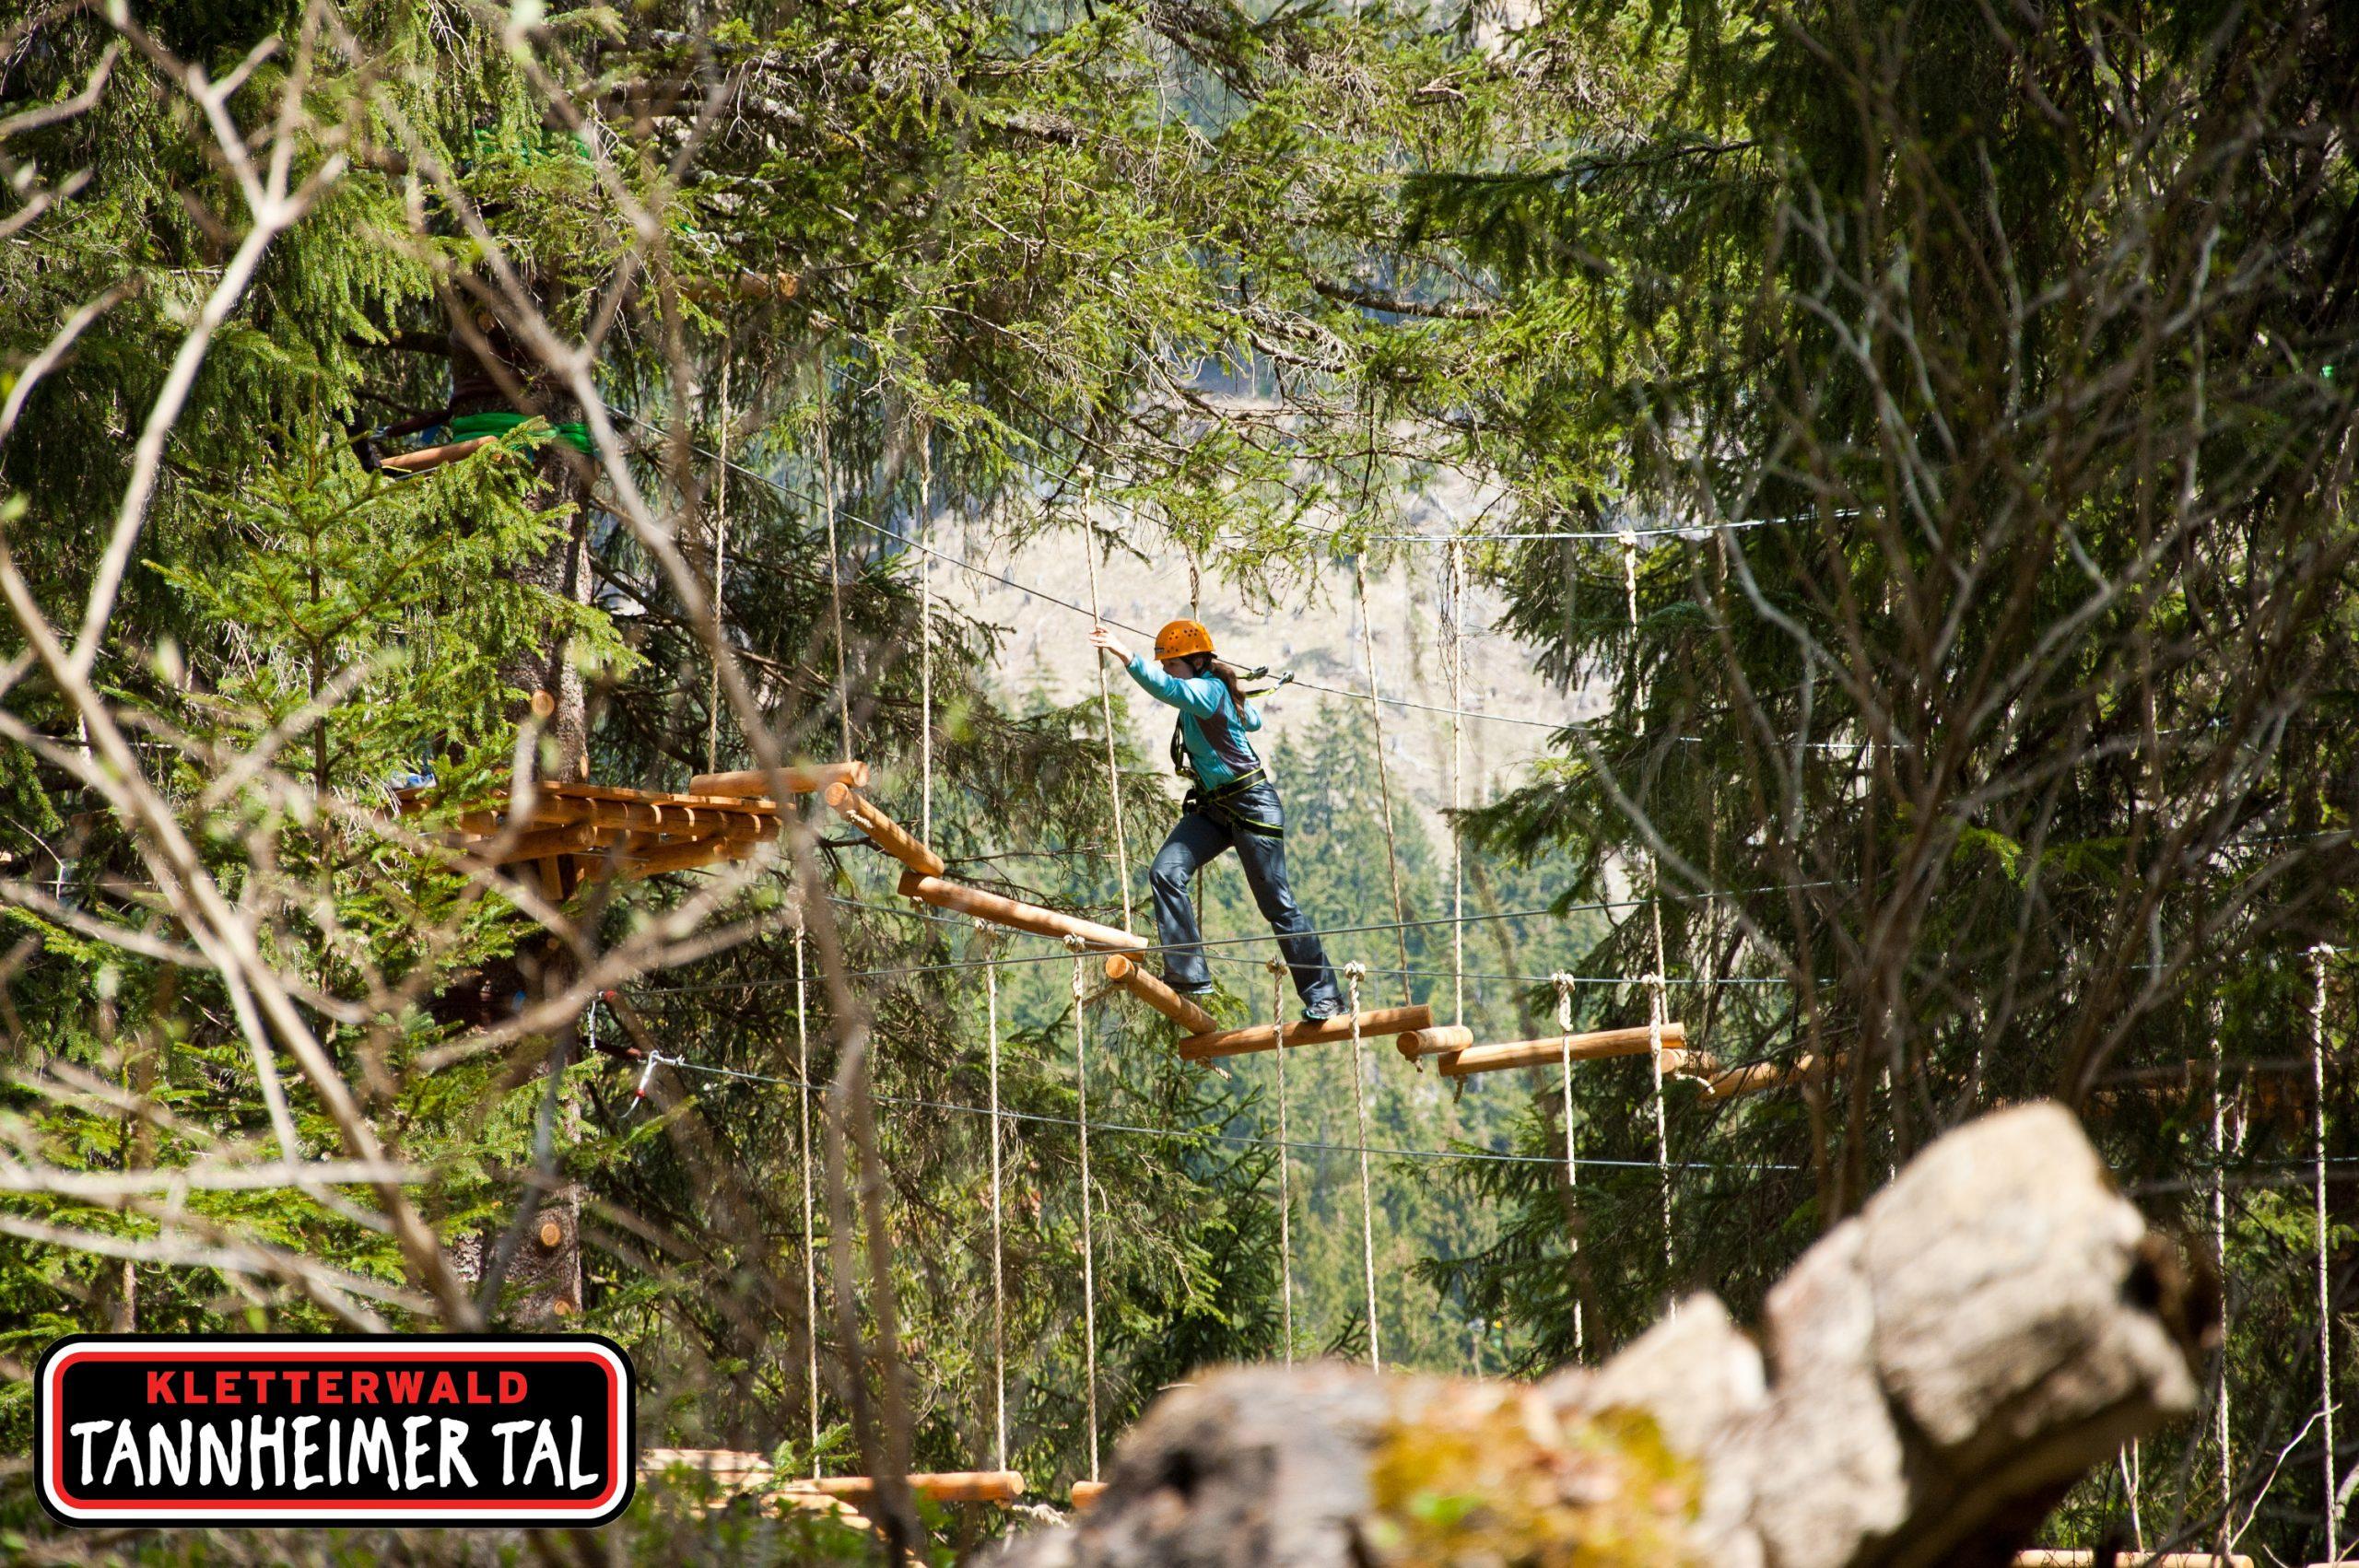 Tannheimer Tal Presse - Wald, Foto: TVB Tannheimer Tal I Climbers Paradise